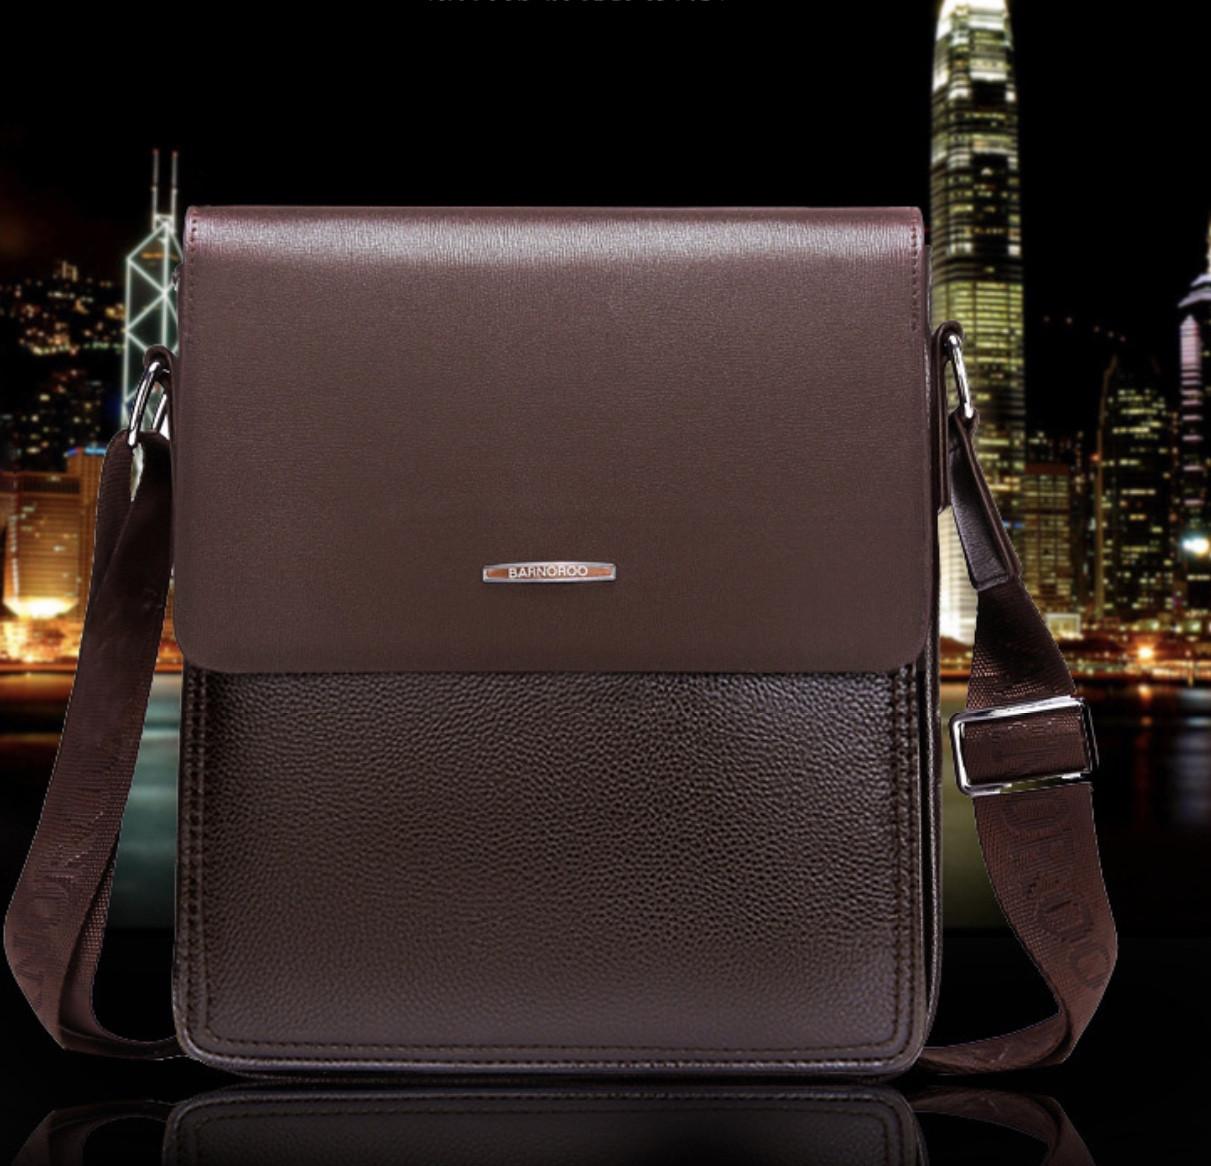 Мужская кожаная сумка. Модель 61326x